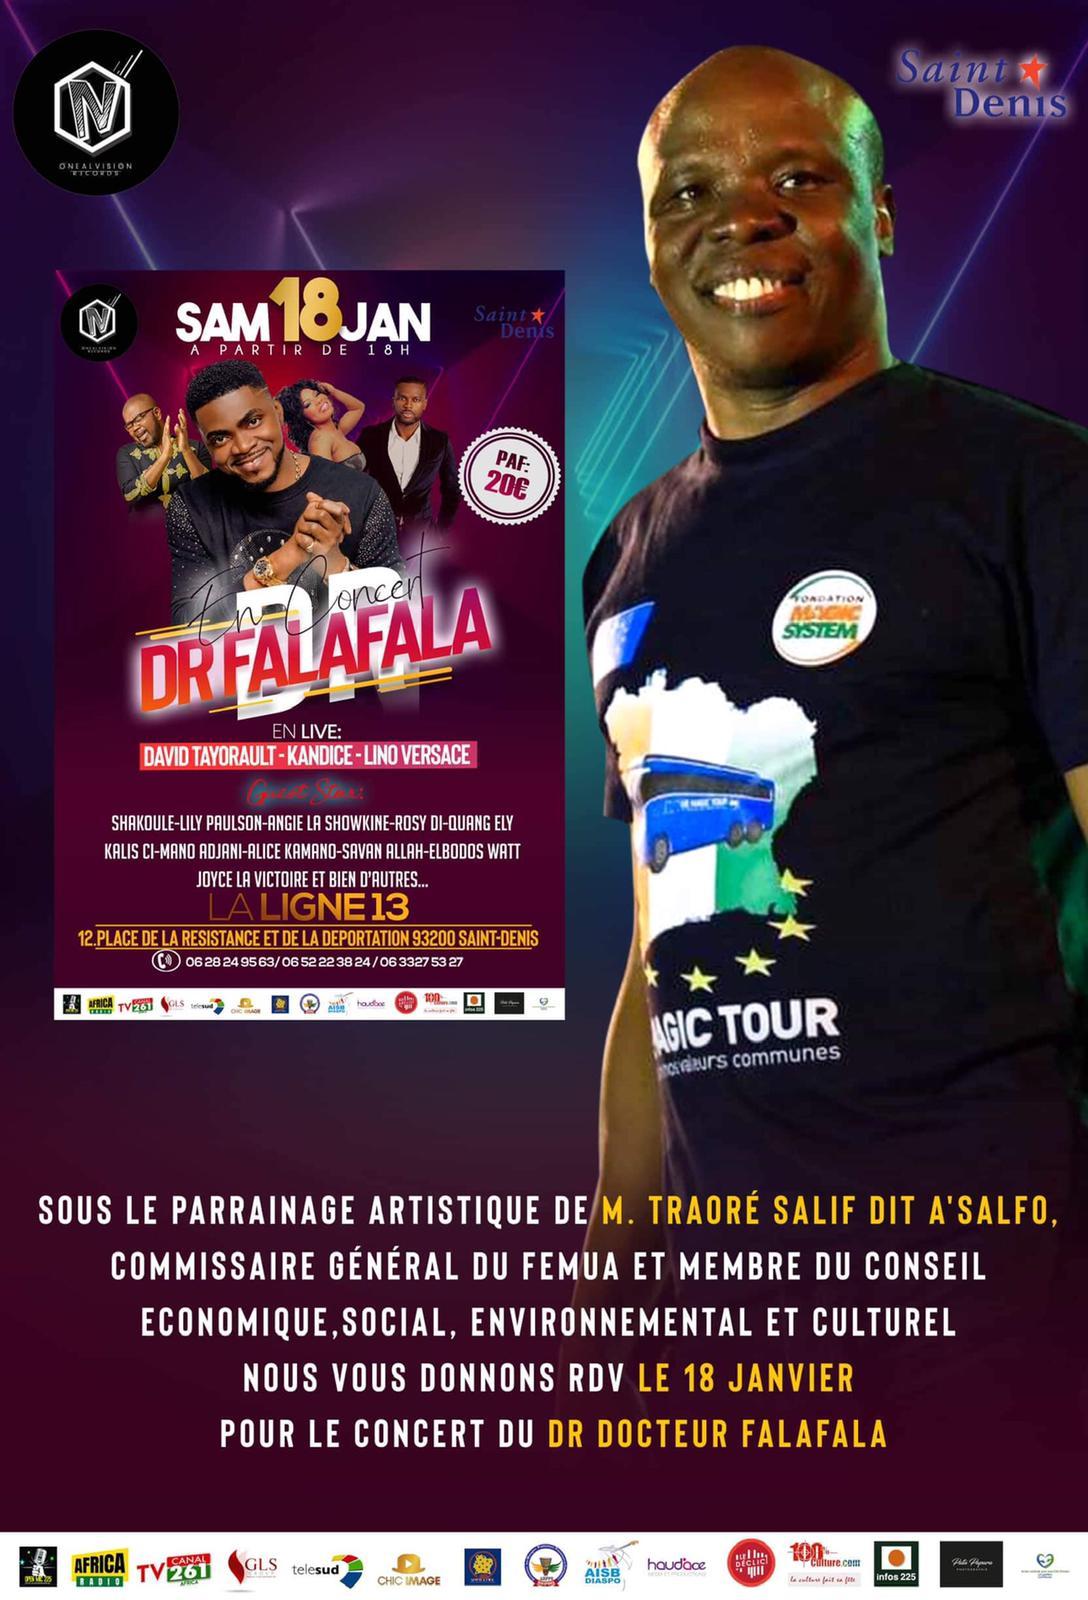 Dr Falalala en concert le 18 Janvier à la ligne…